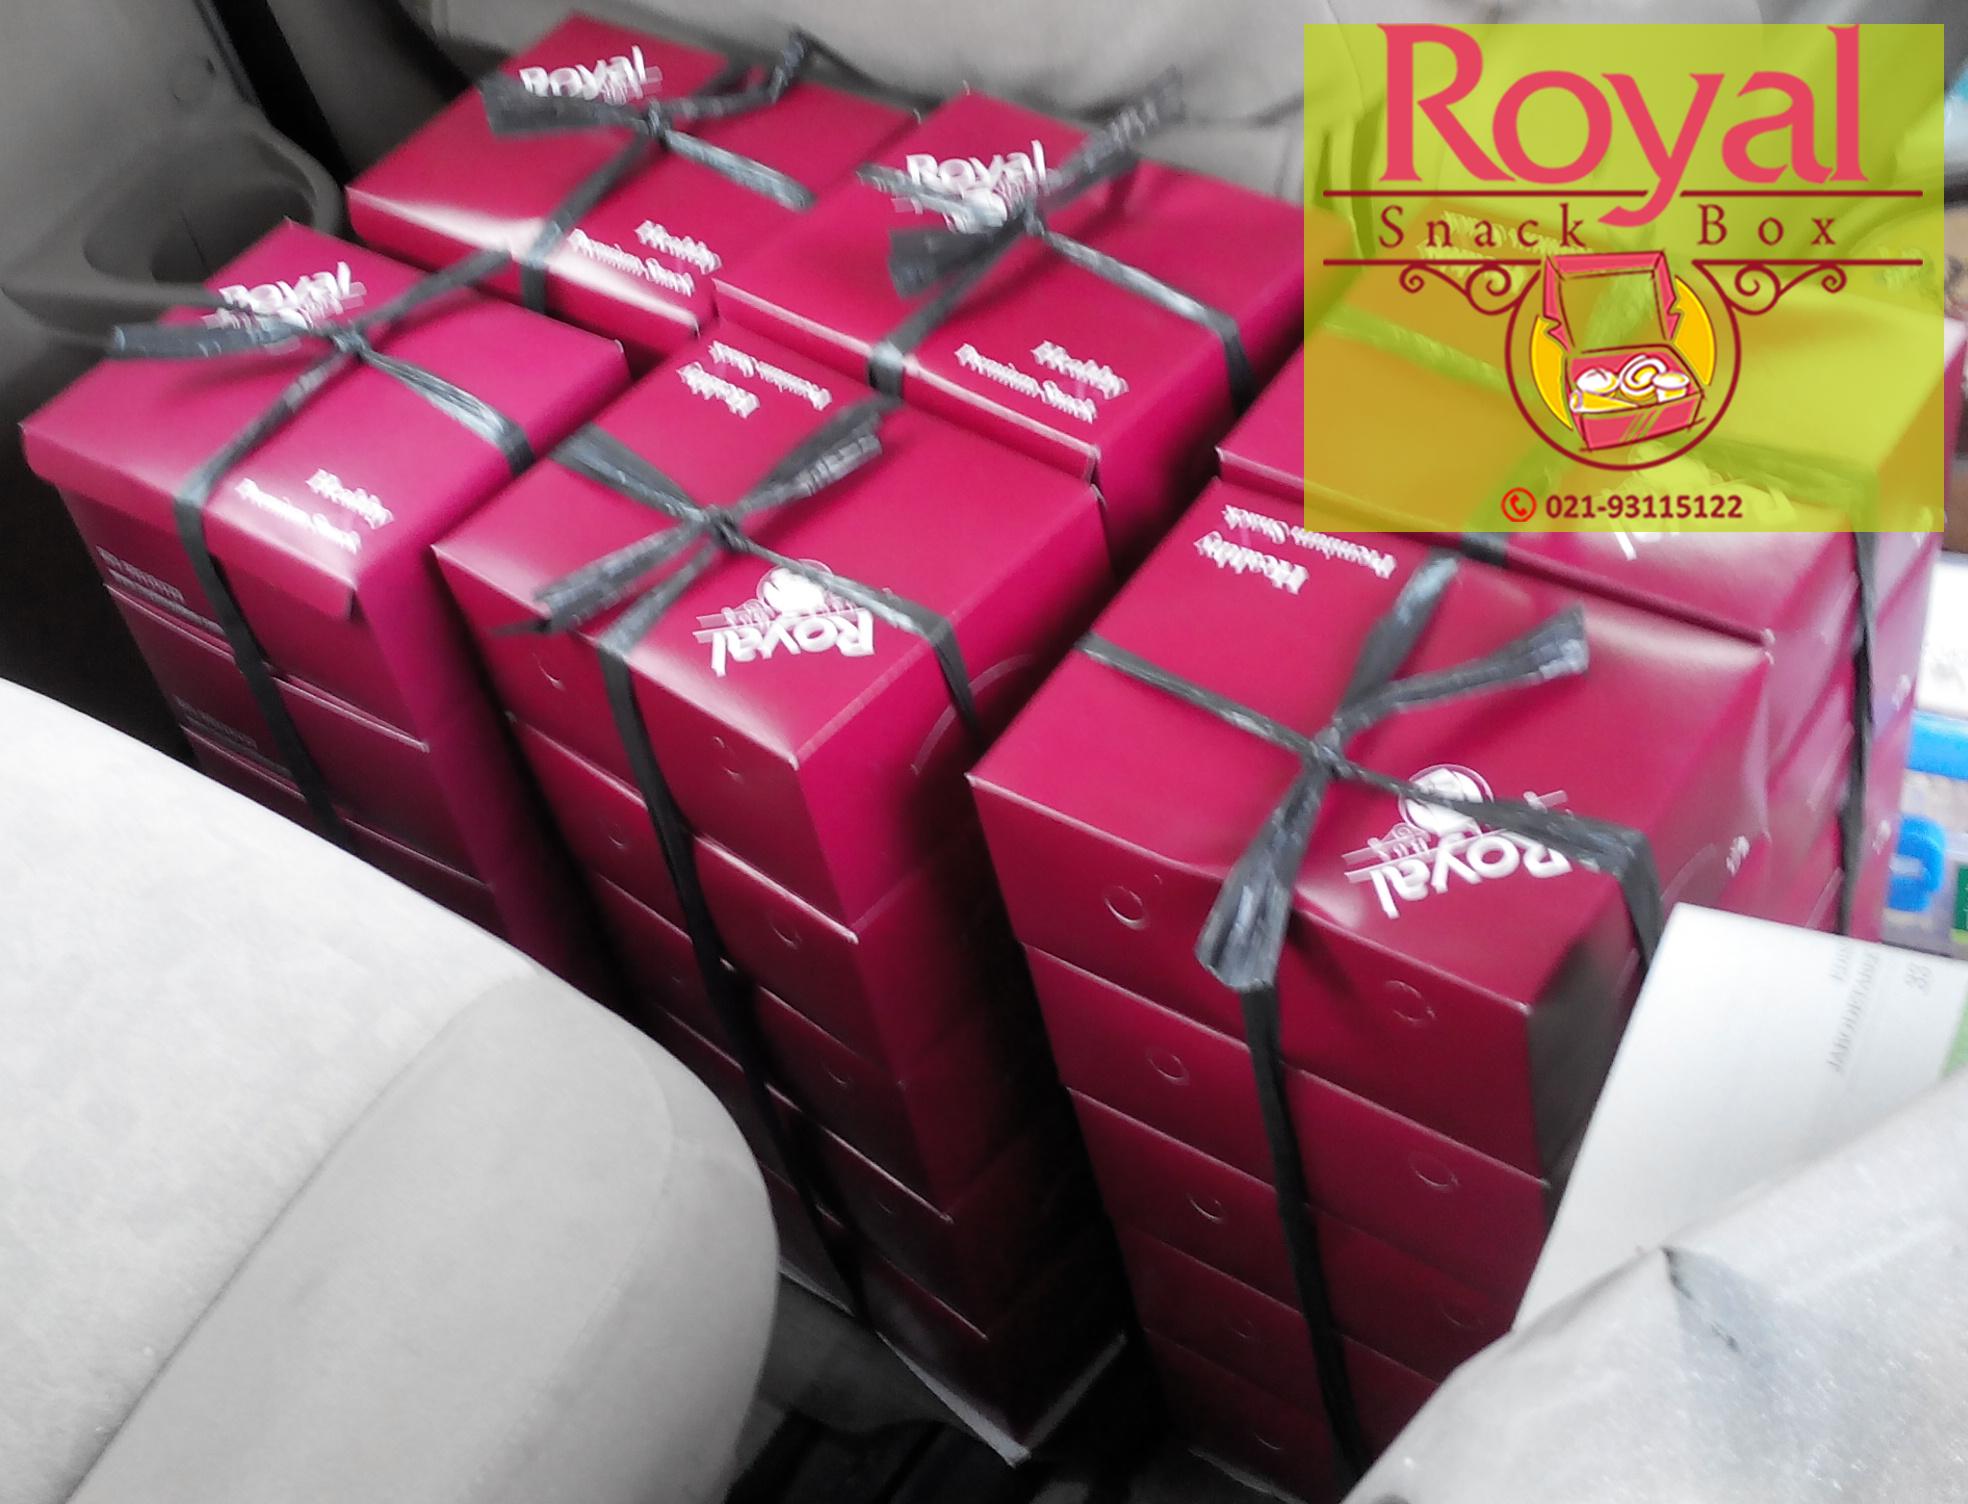 Snack Box Pesanan Ibu Junnita di Medan Merdeka, Jakarta Pusat